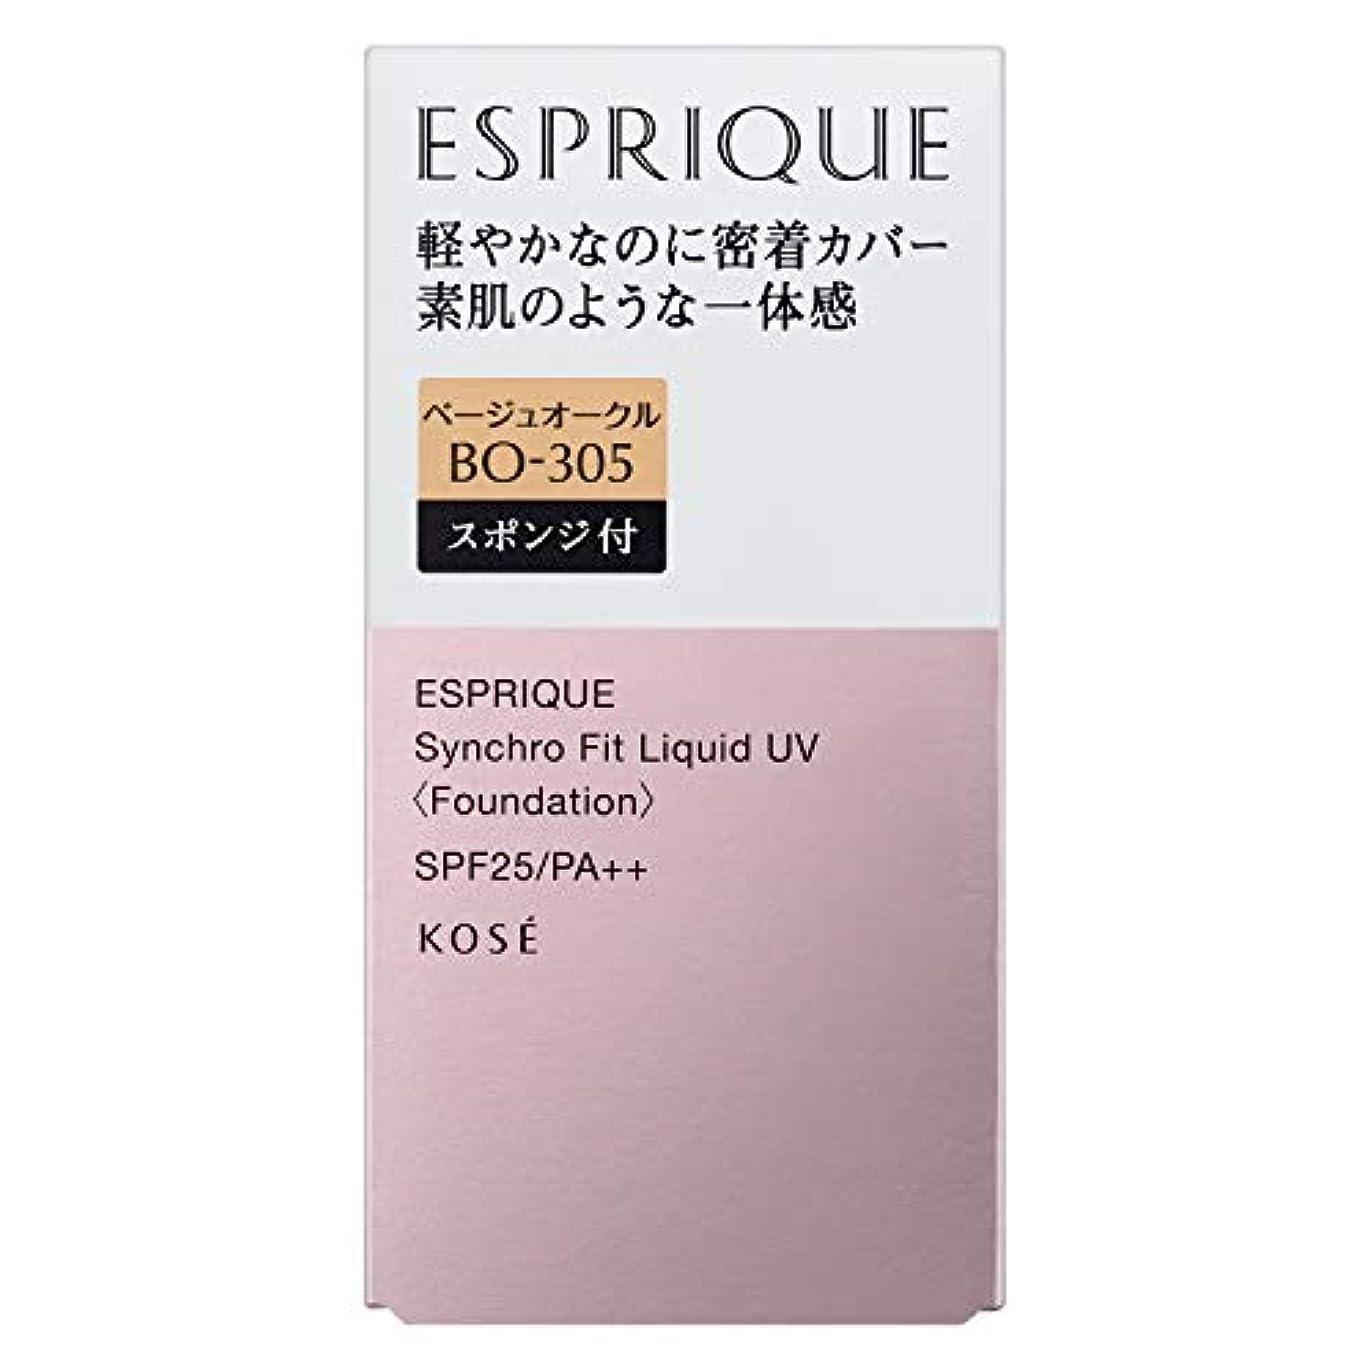 違法キャンペーンスポンジESPRIQUE(エスプリーク) エスプリーク シンクロフィット リキッド UV ファンデーション 無香料 BO-305 ベージュオークル 30g